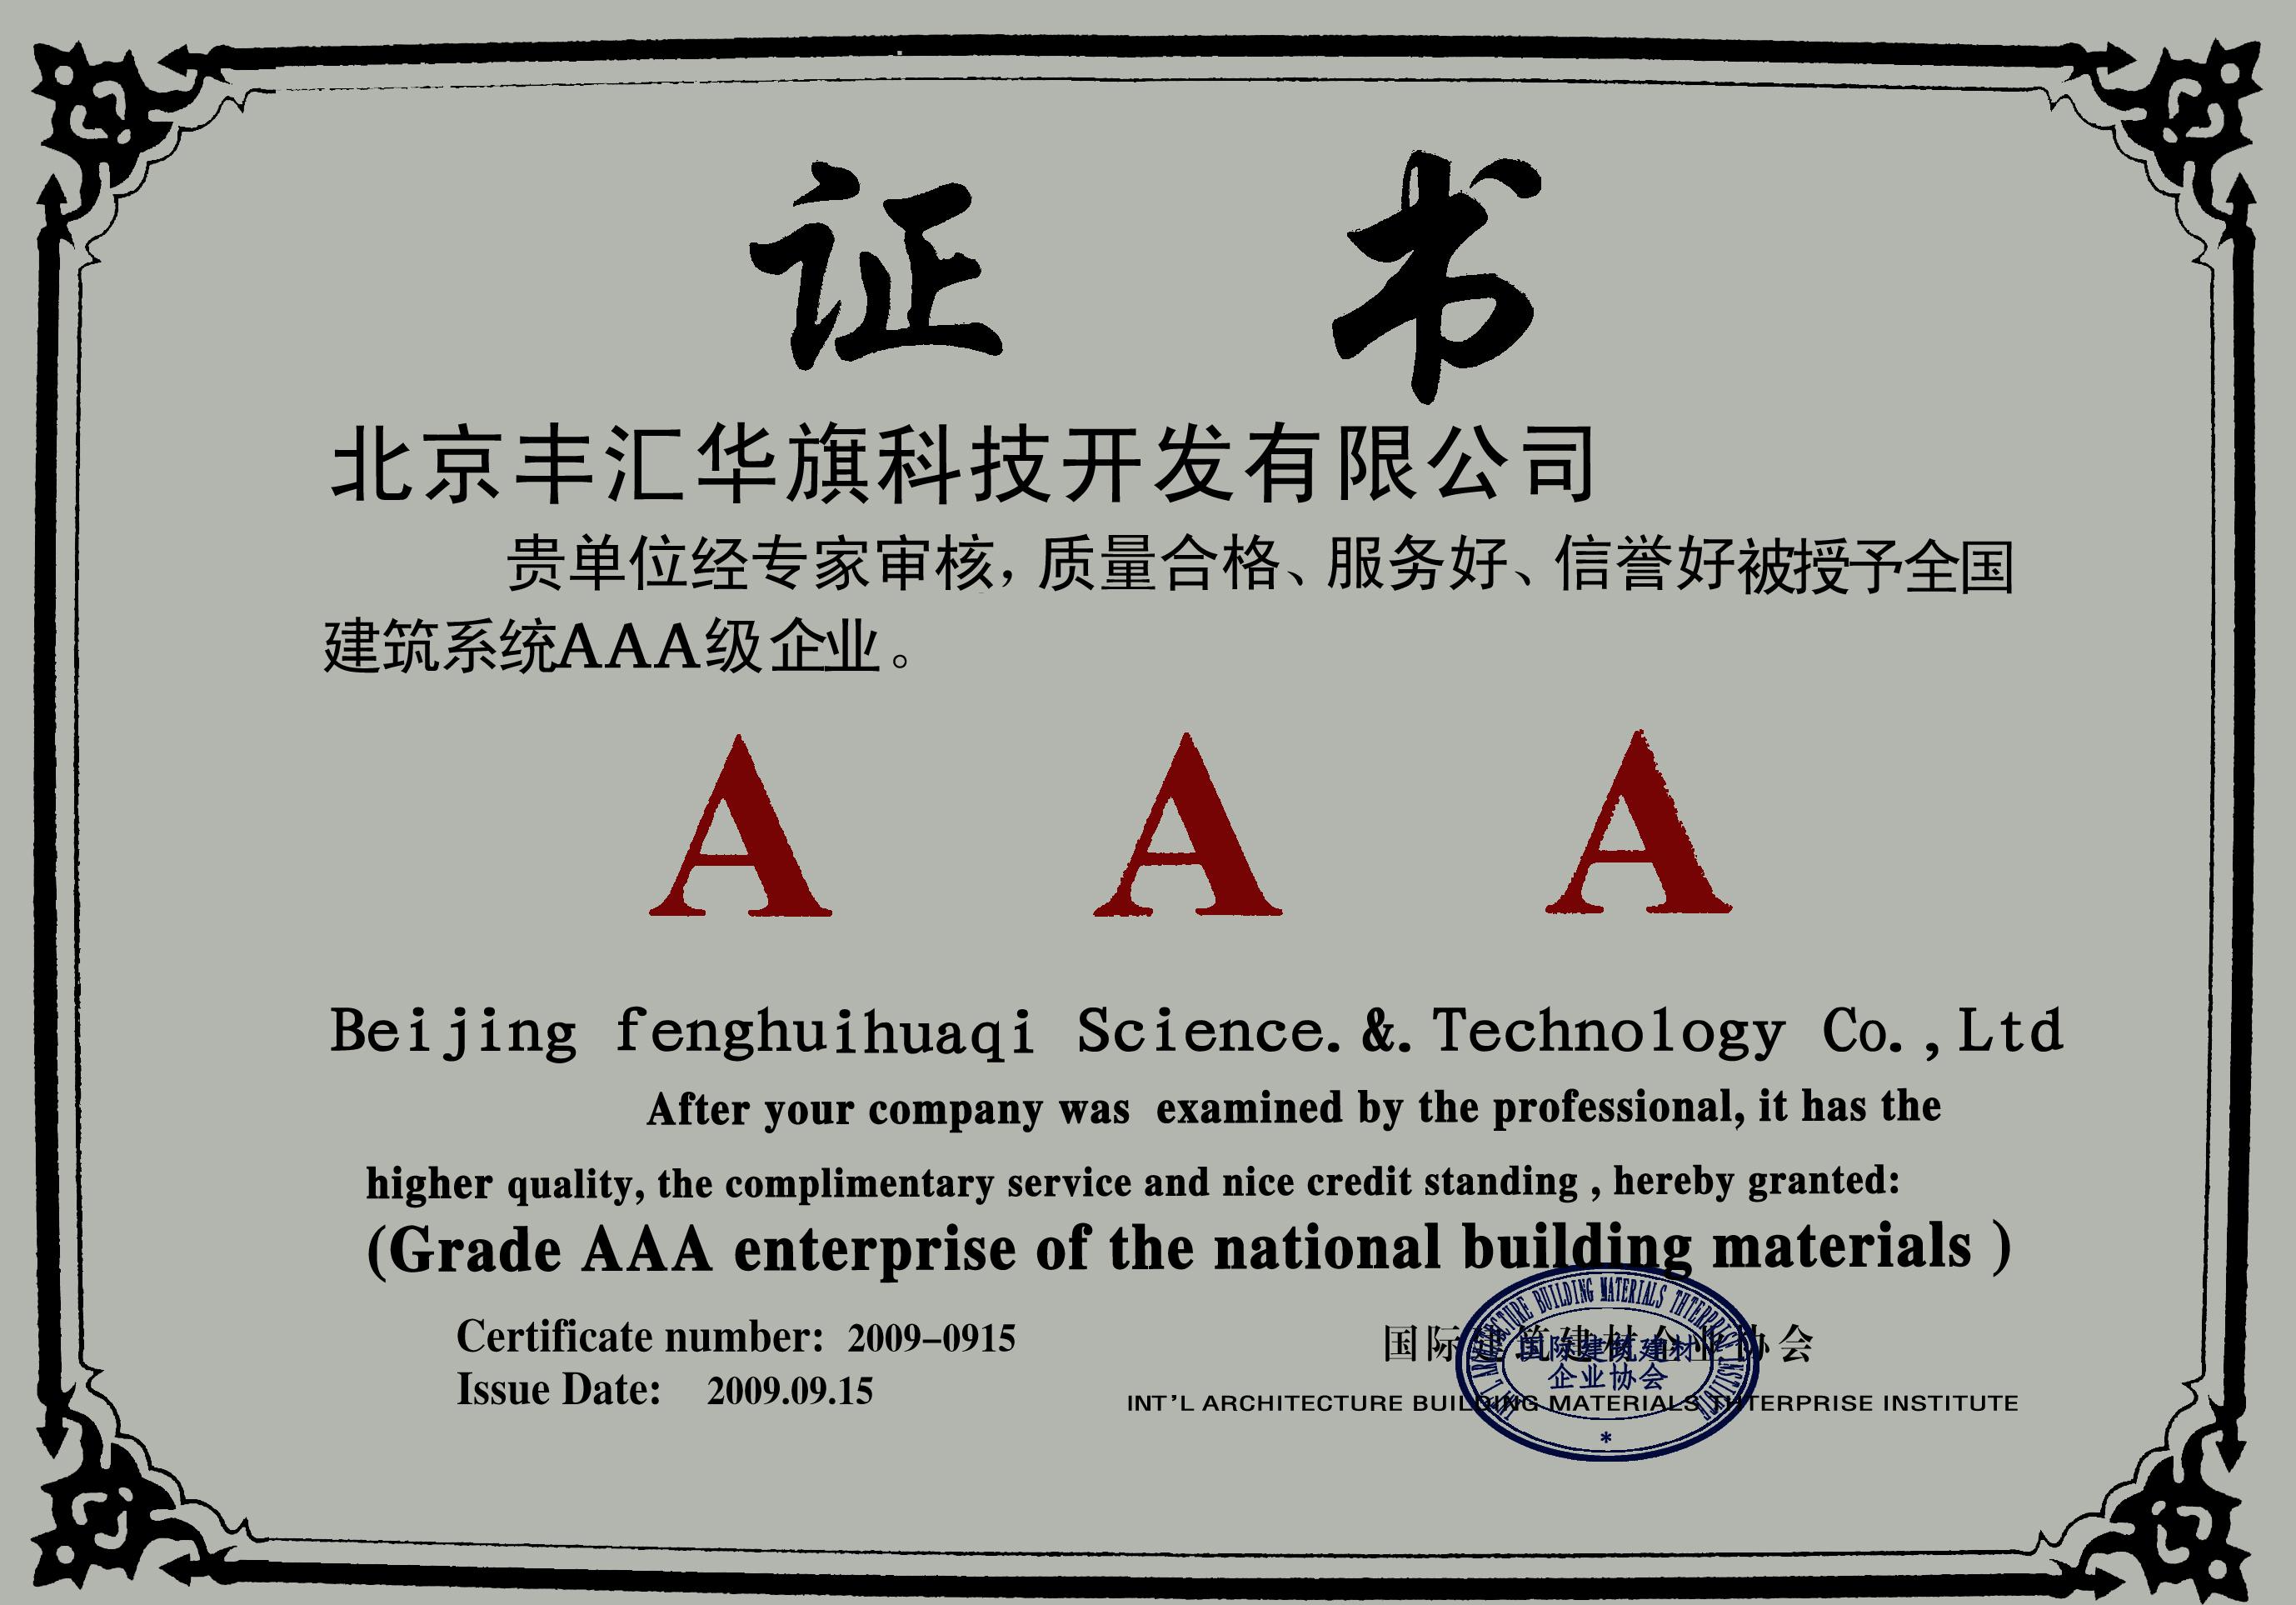 国际建筑建材企业协会---AAA证书